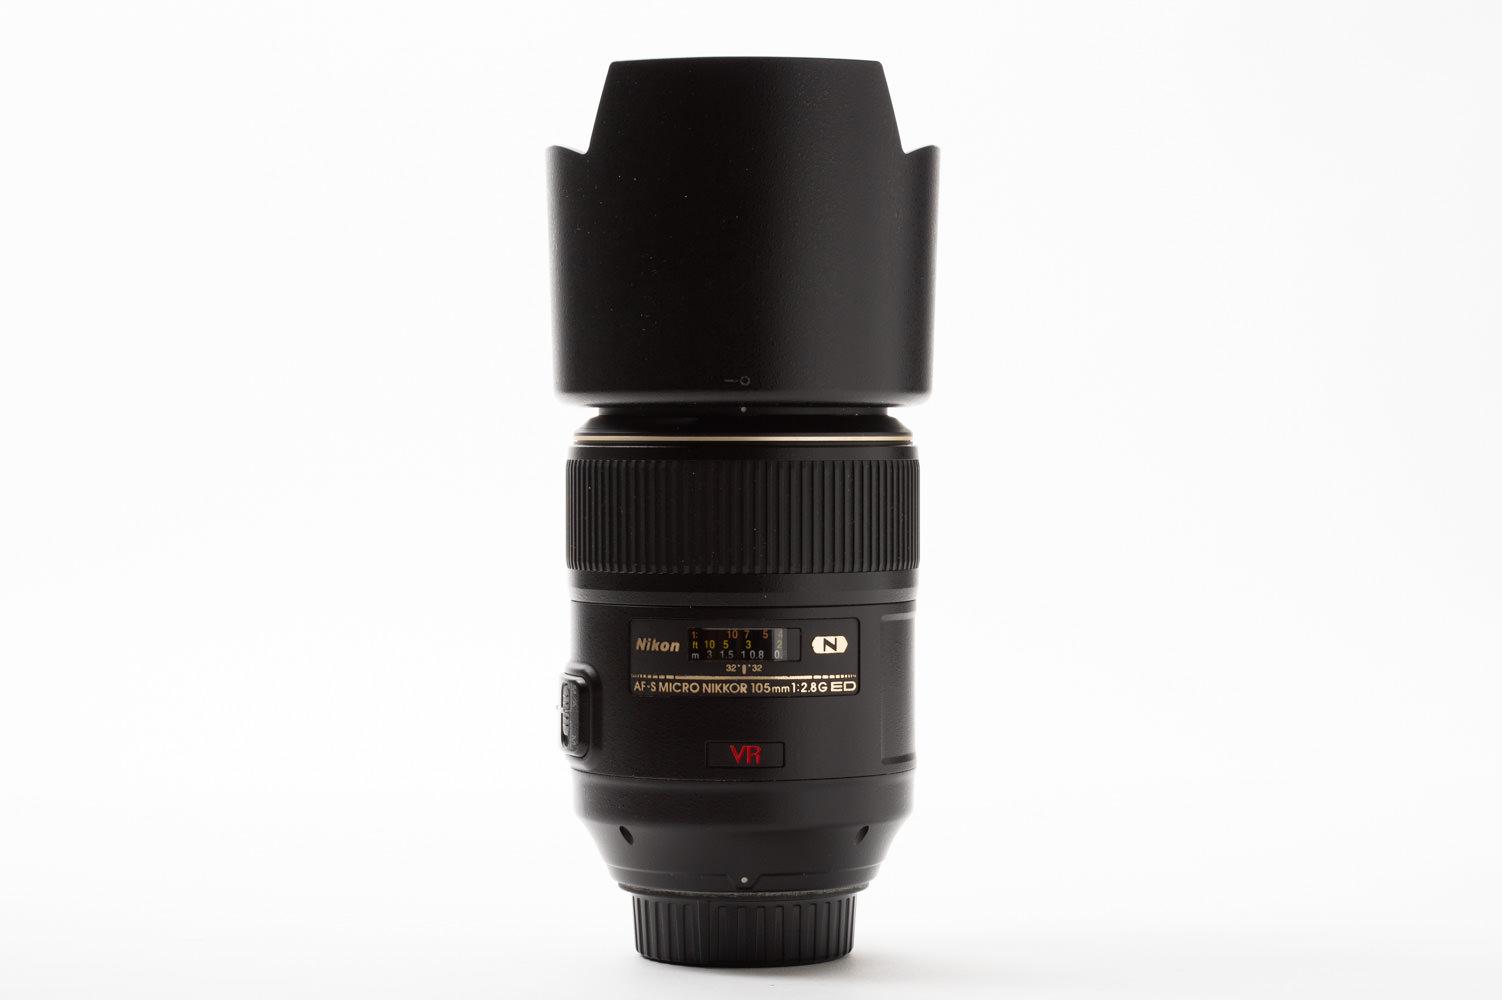 AF-S VR Micro-Nikkor 105mm f/2.8G